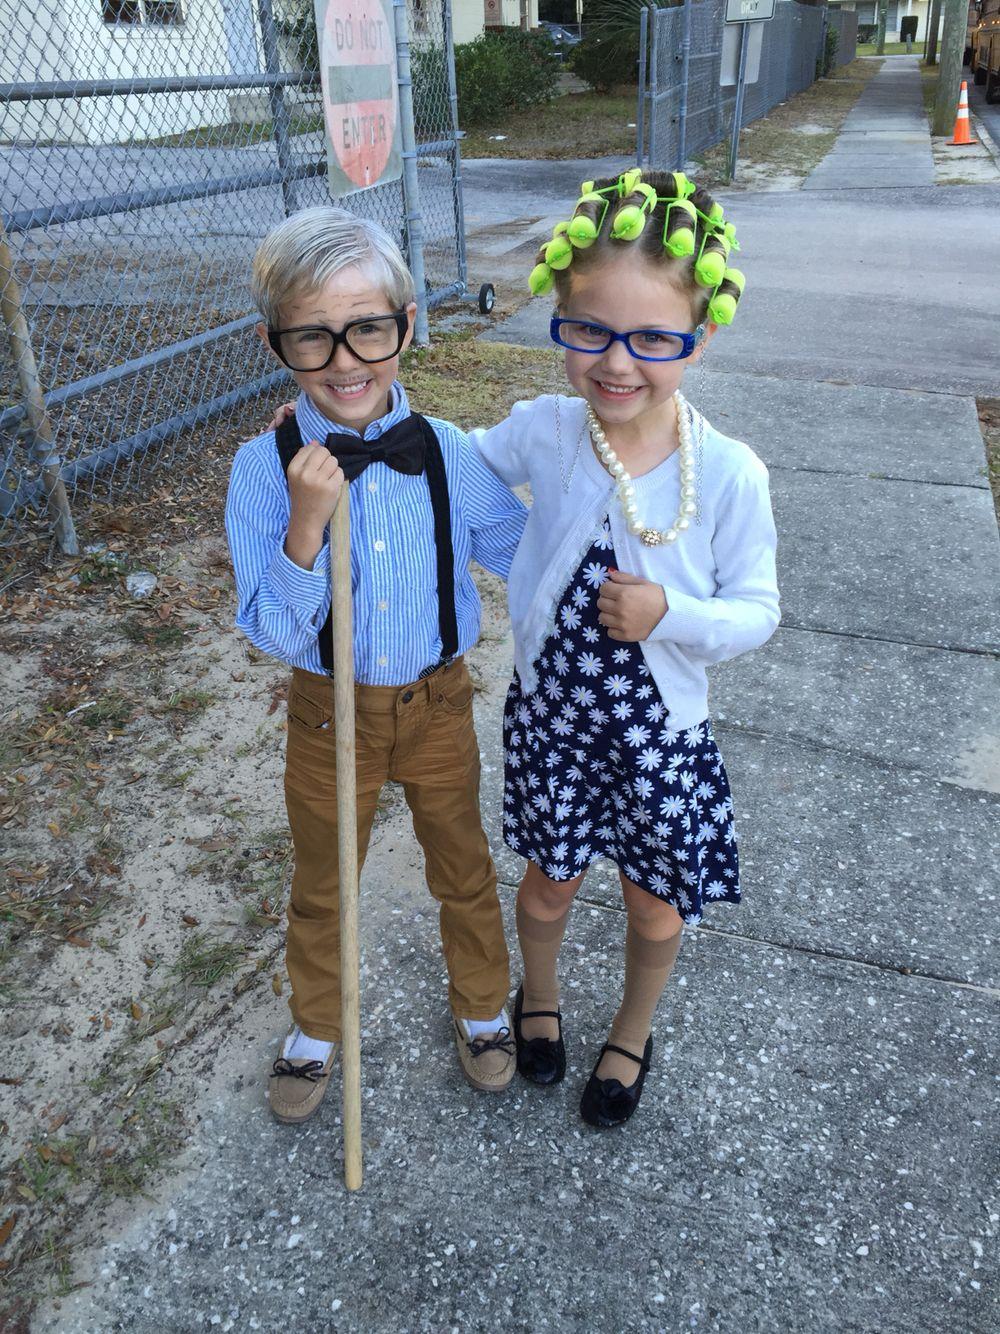 100th day of school costumes! Mini grandpa and grandma